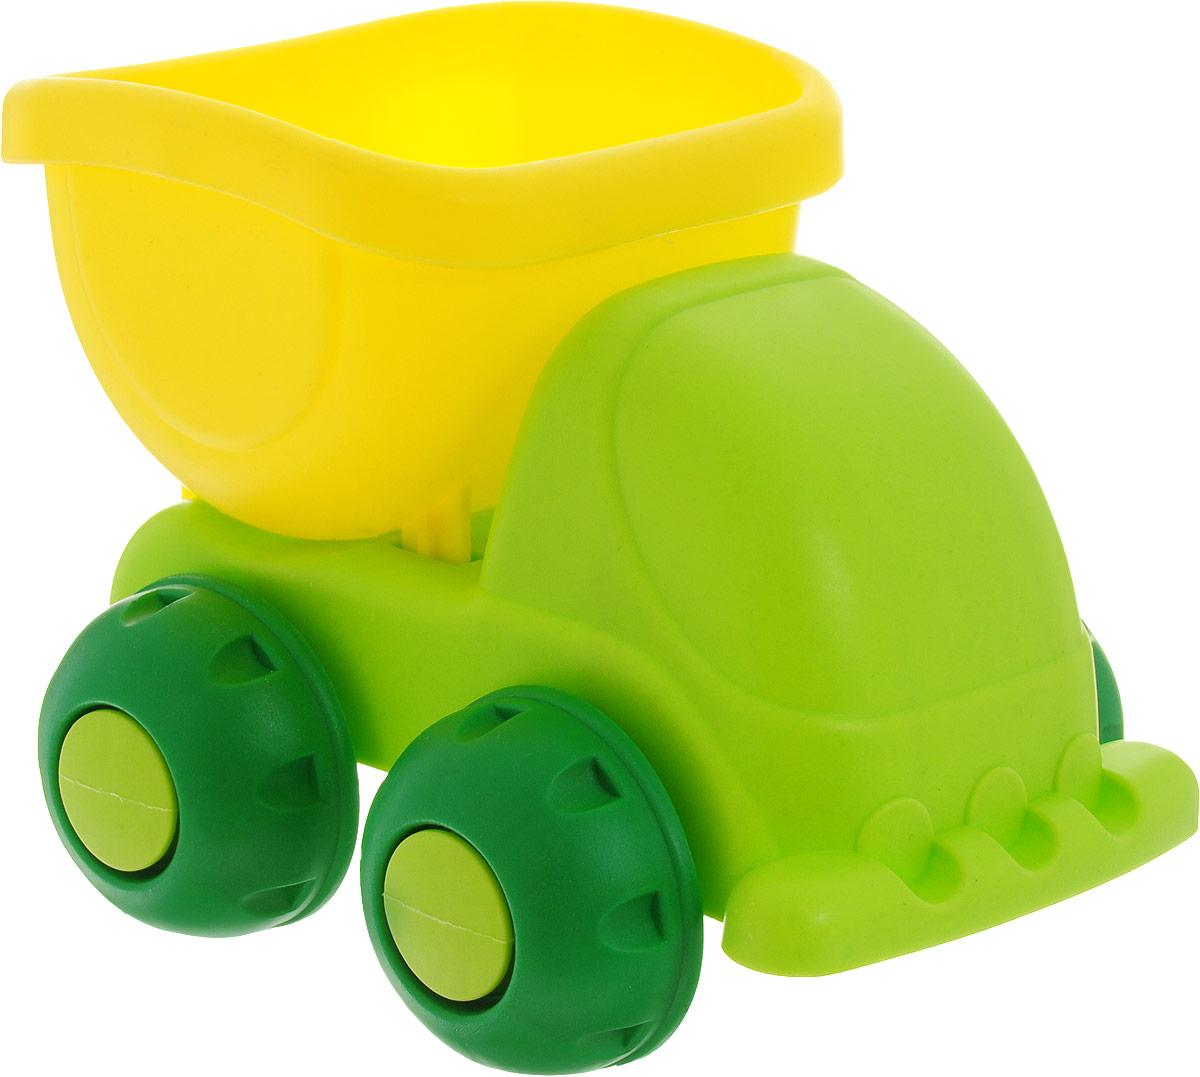 Baby Trend Машинка цвет светло-зеленый желтый машинка для игры с песком 16см виниловый пластик